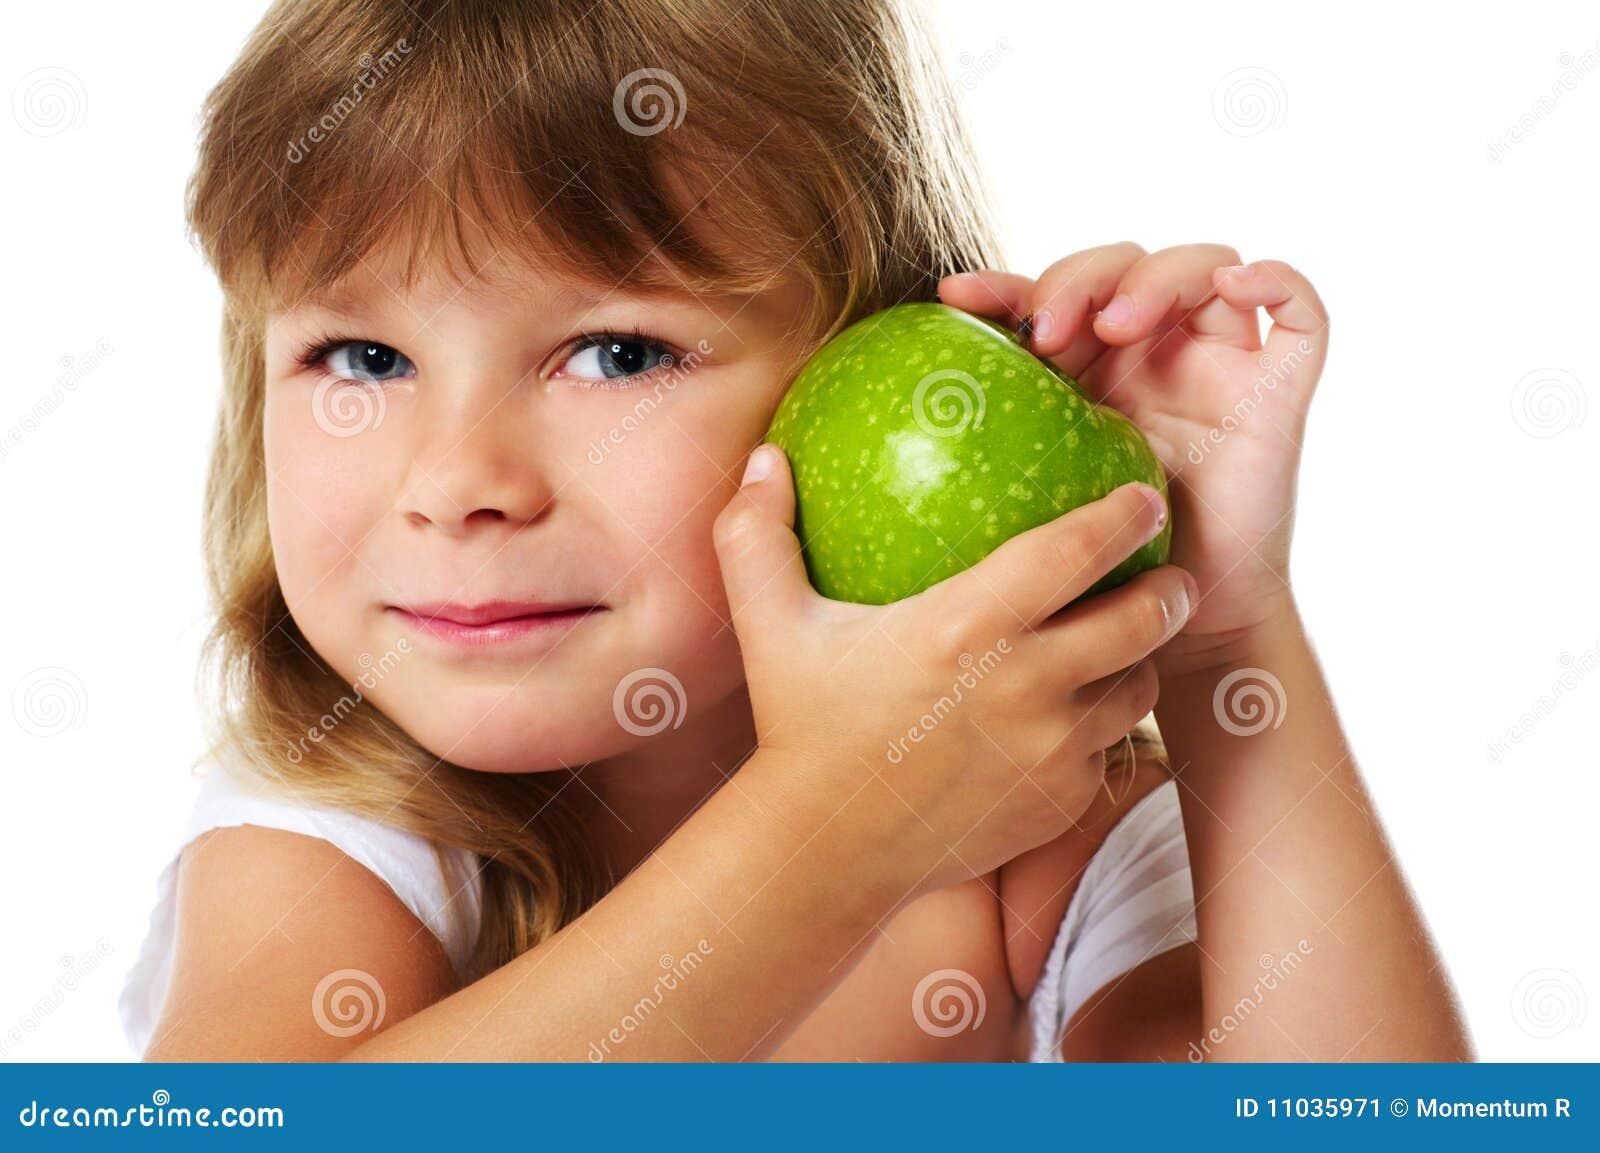 Meisje dat groene appel houdt